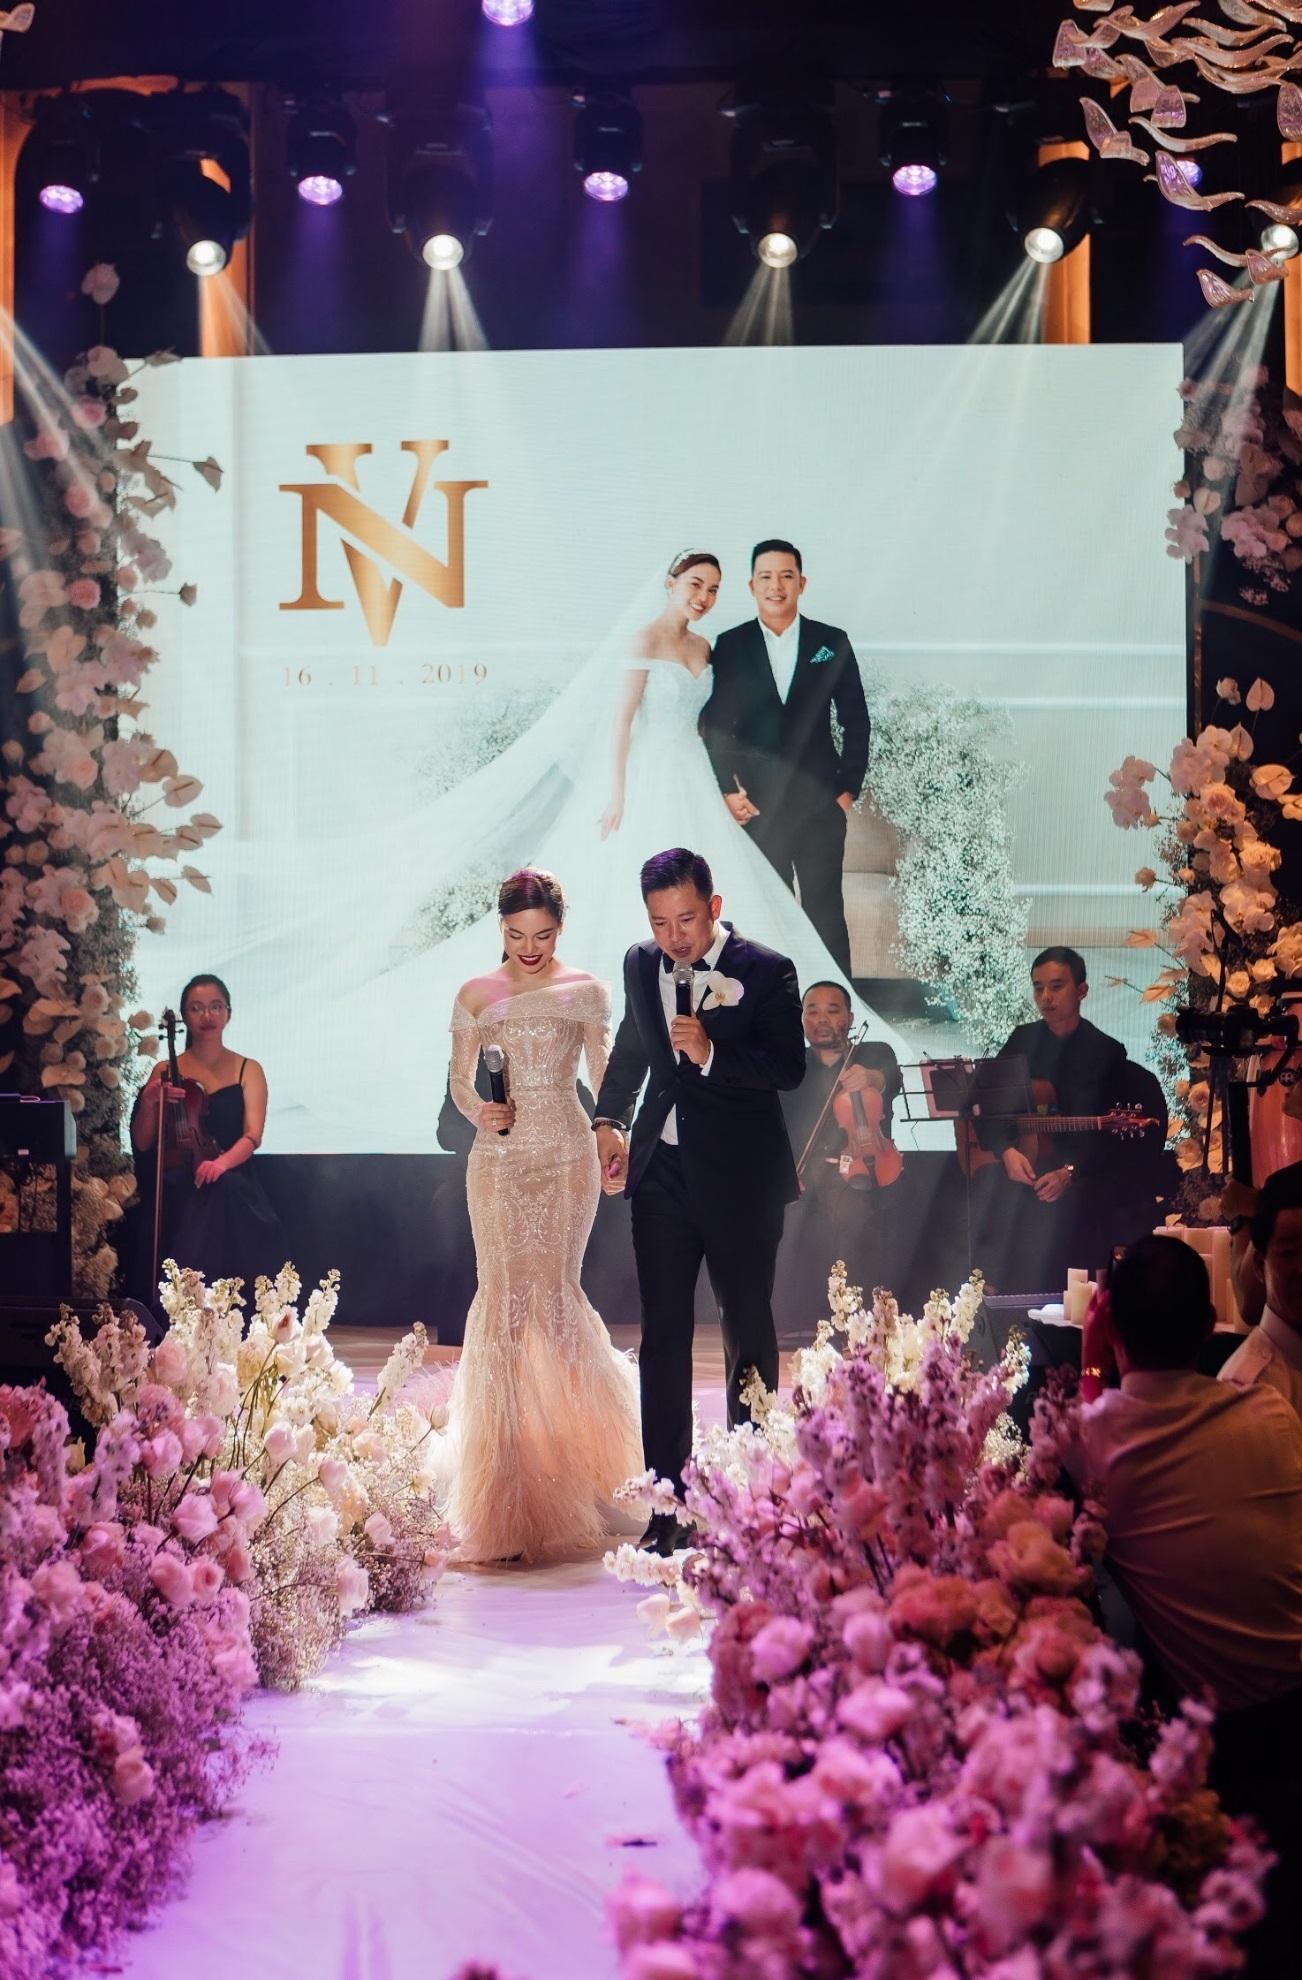 Ba mẫu váy cưới Hacchic Couture thực hiện cho Giang Hồng Ngọc kèm thông điệp ý nghĩa bất ngờ - Ảnh 9.